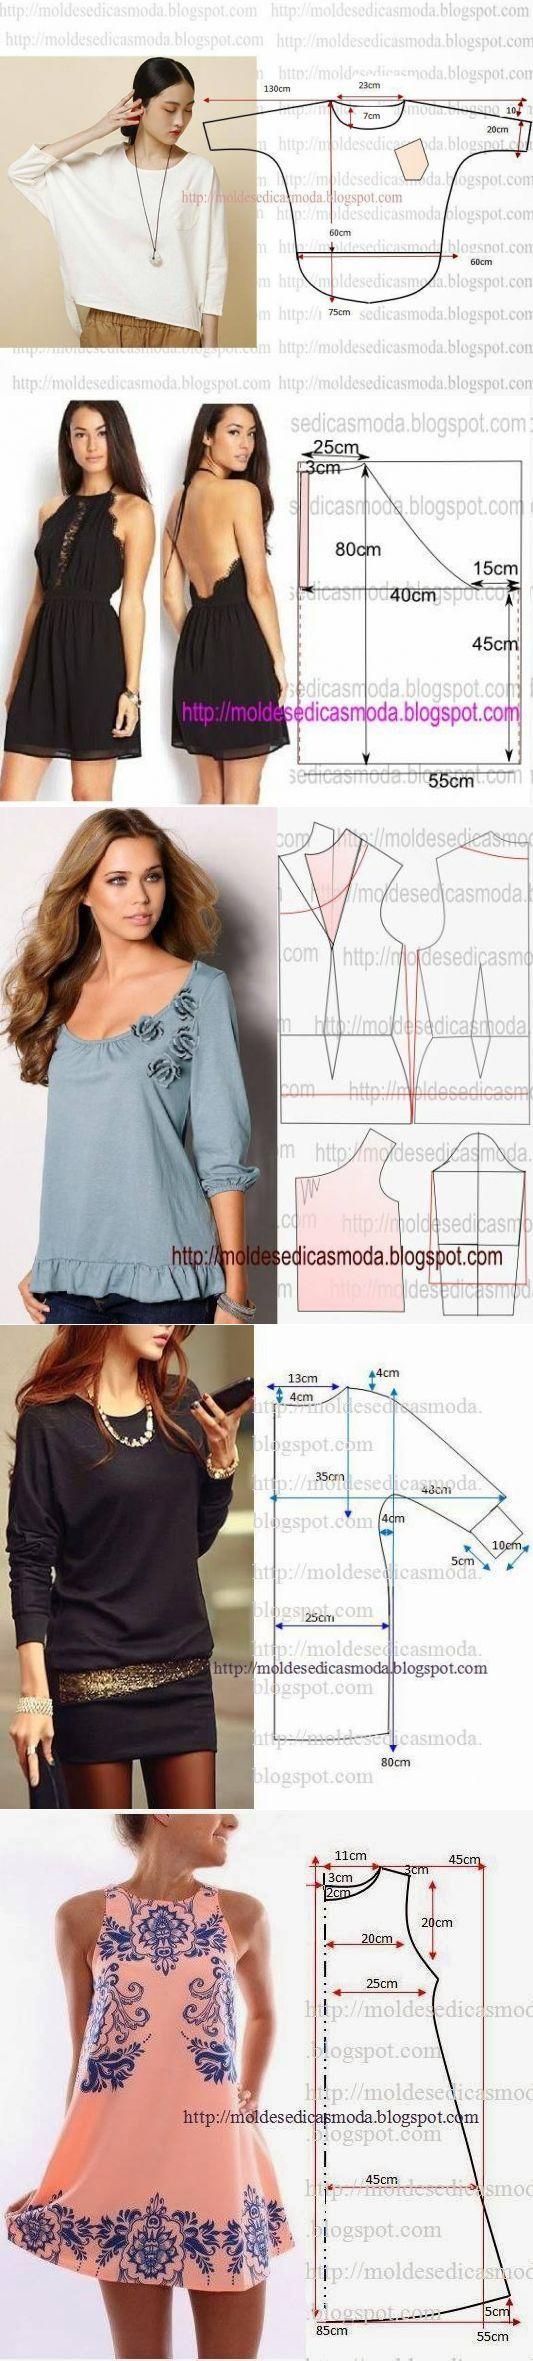 Модели блузонов с выкройками фото 984